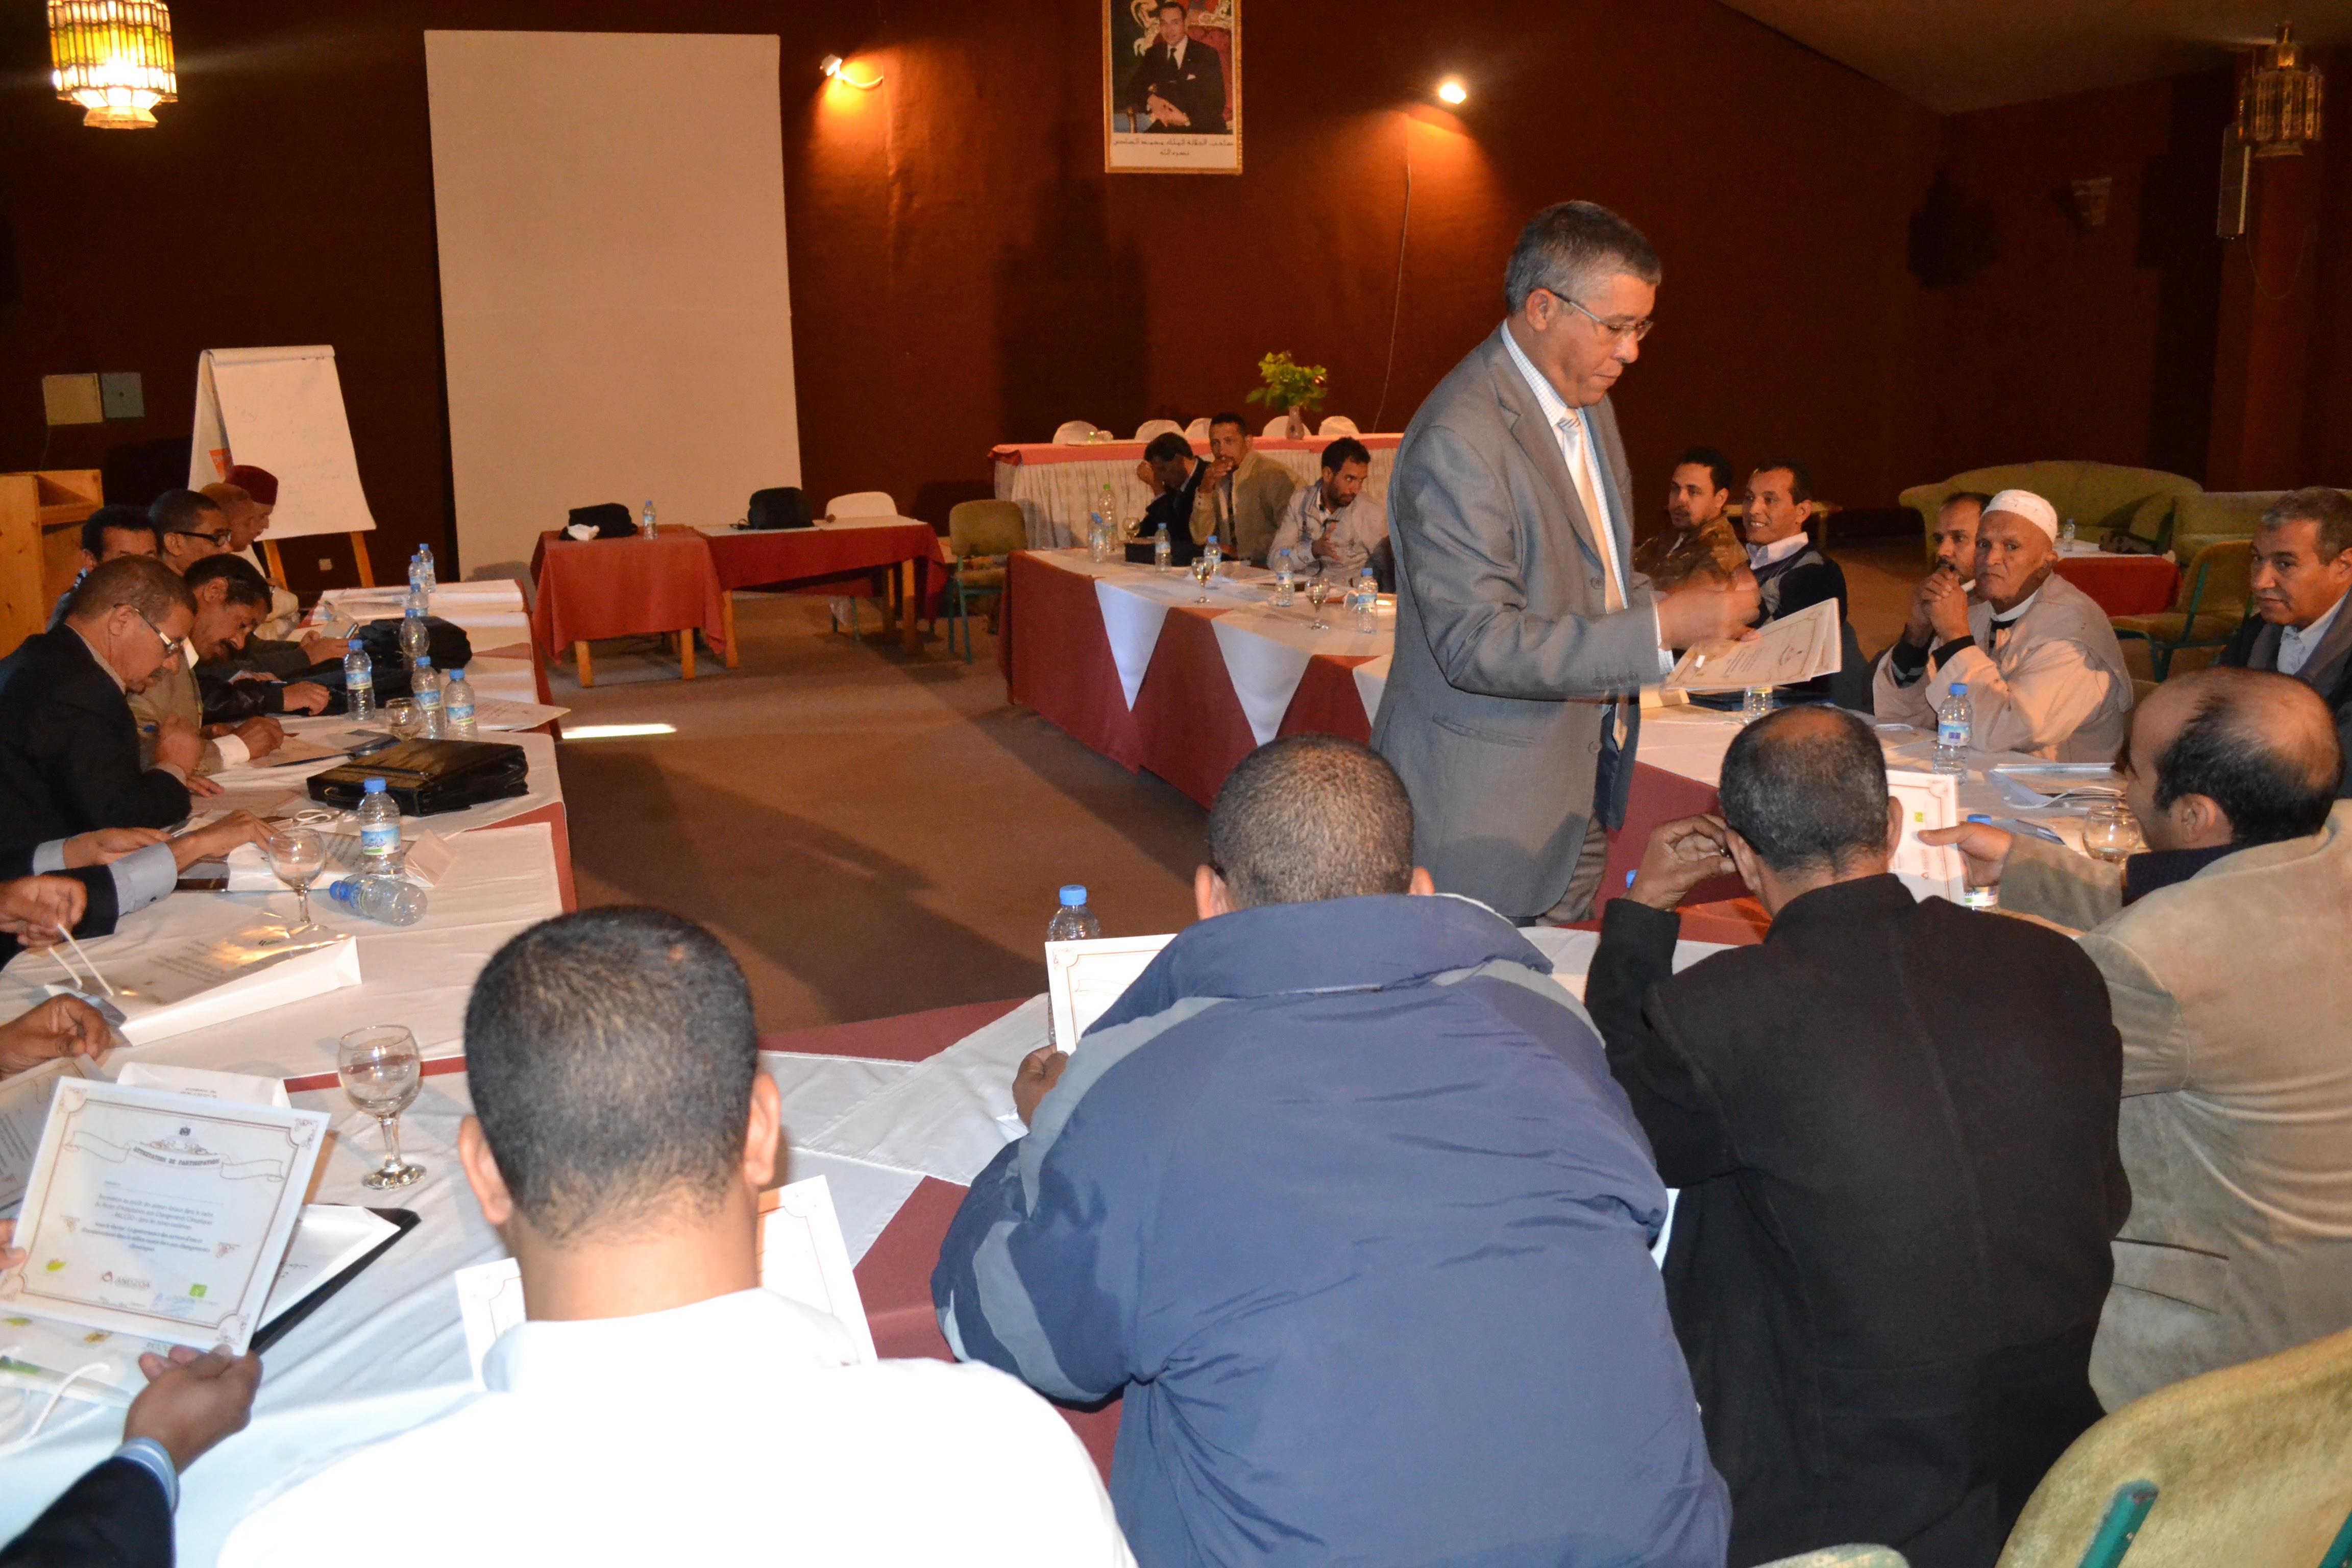 الوكالة الوطنية لتنمية مناطق الواحات وشجر الاركان تتفاعل مع كوب 22-1